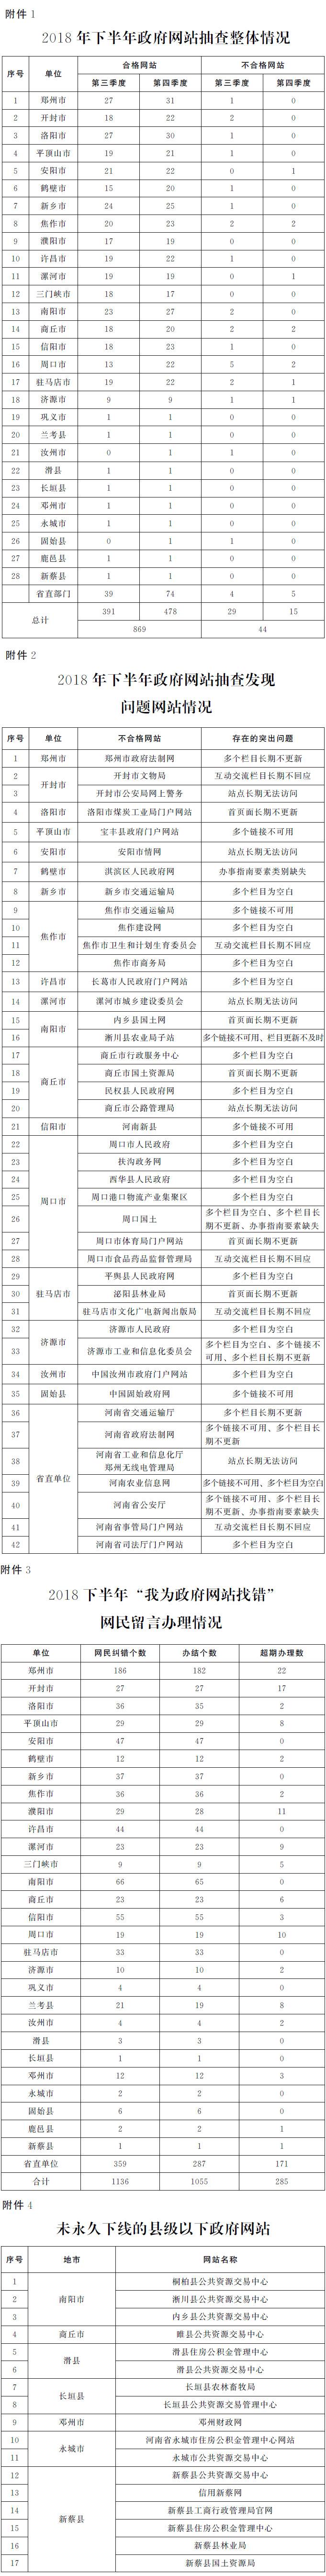 ?河南省人民政府办公厅关于2018年下半年全省政府网站建设管理情况的通报